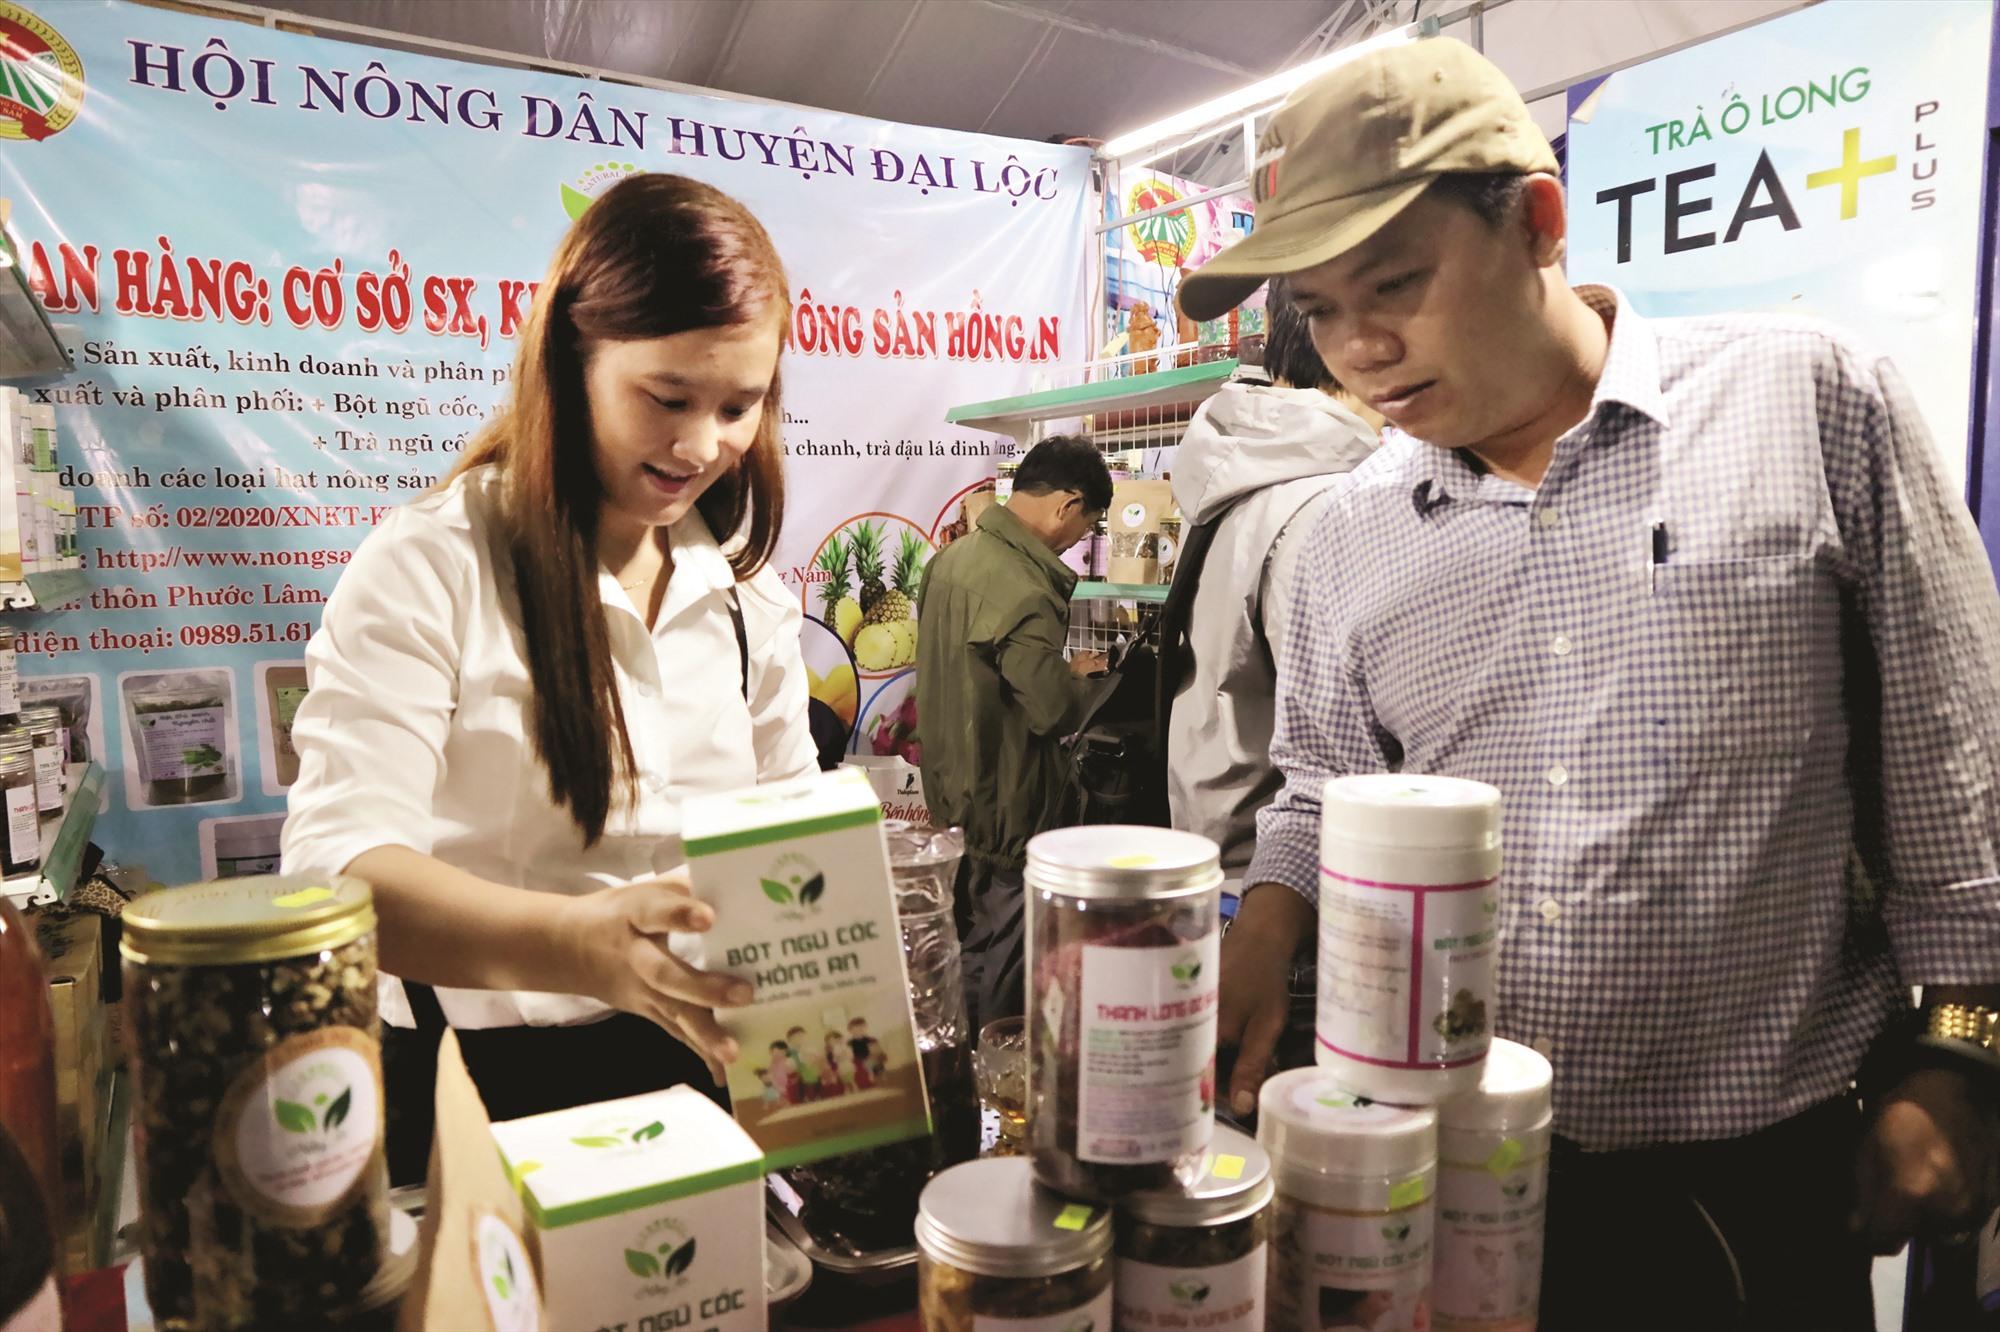 Các ngành, các cấp cần quan tâm hỗ trợ nông dân trong việc quảng bá sản phẩm, kết nối thị trường tiêu thụ.Ảnh: XUÂN HIỀN